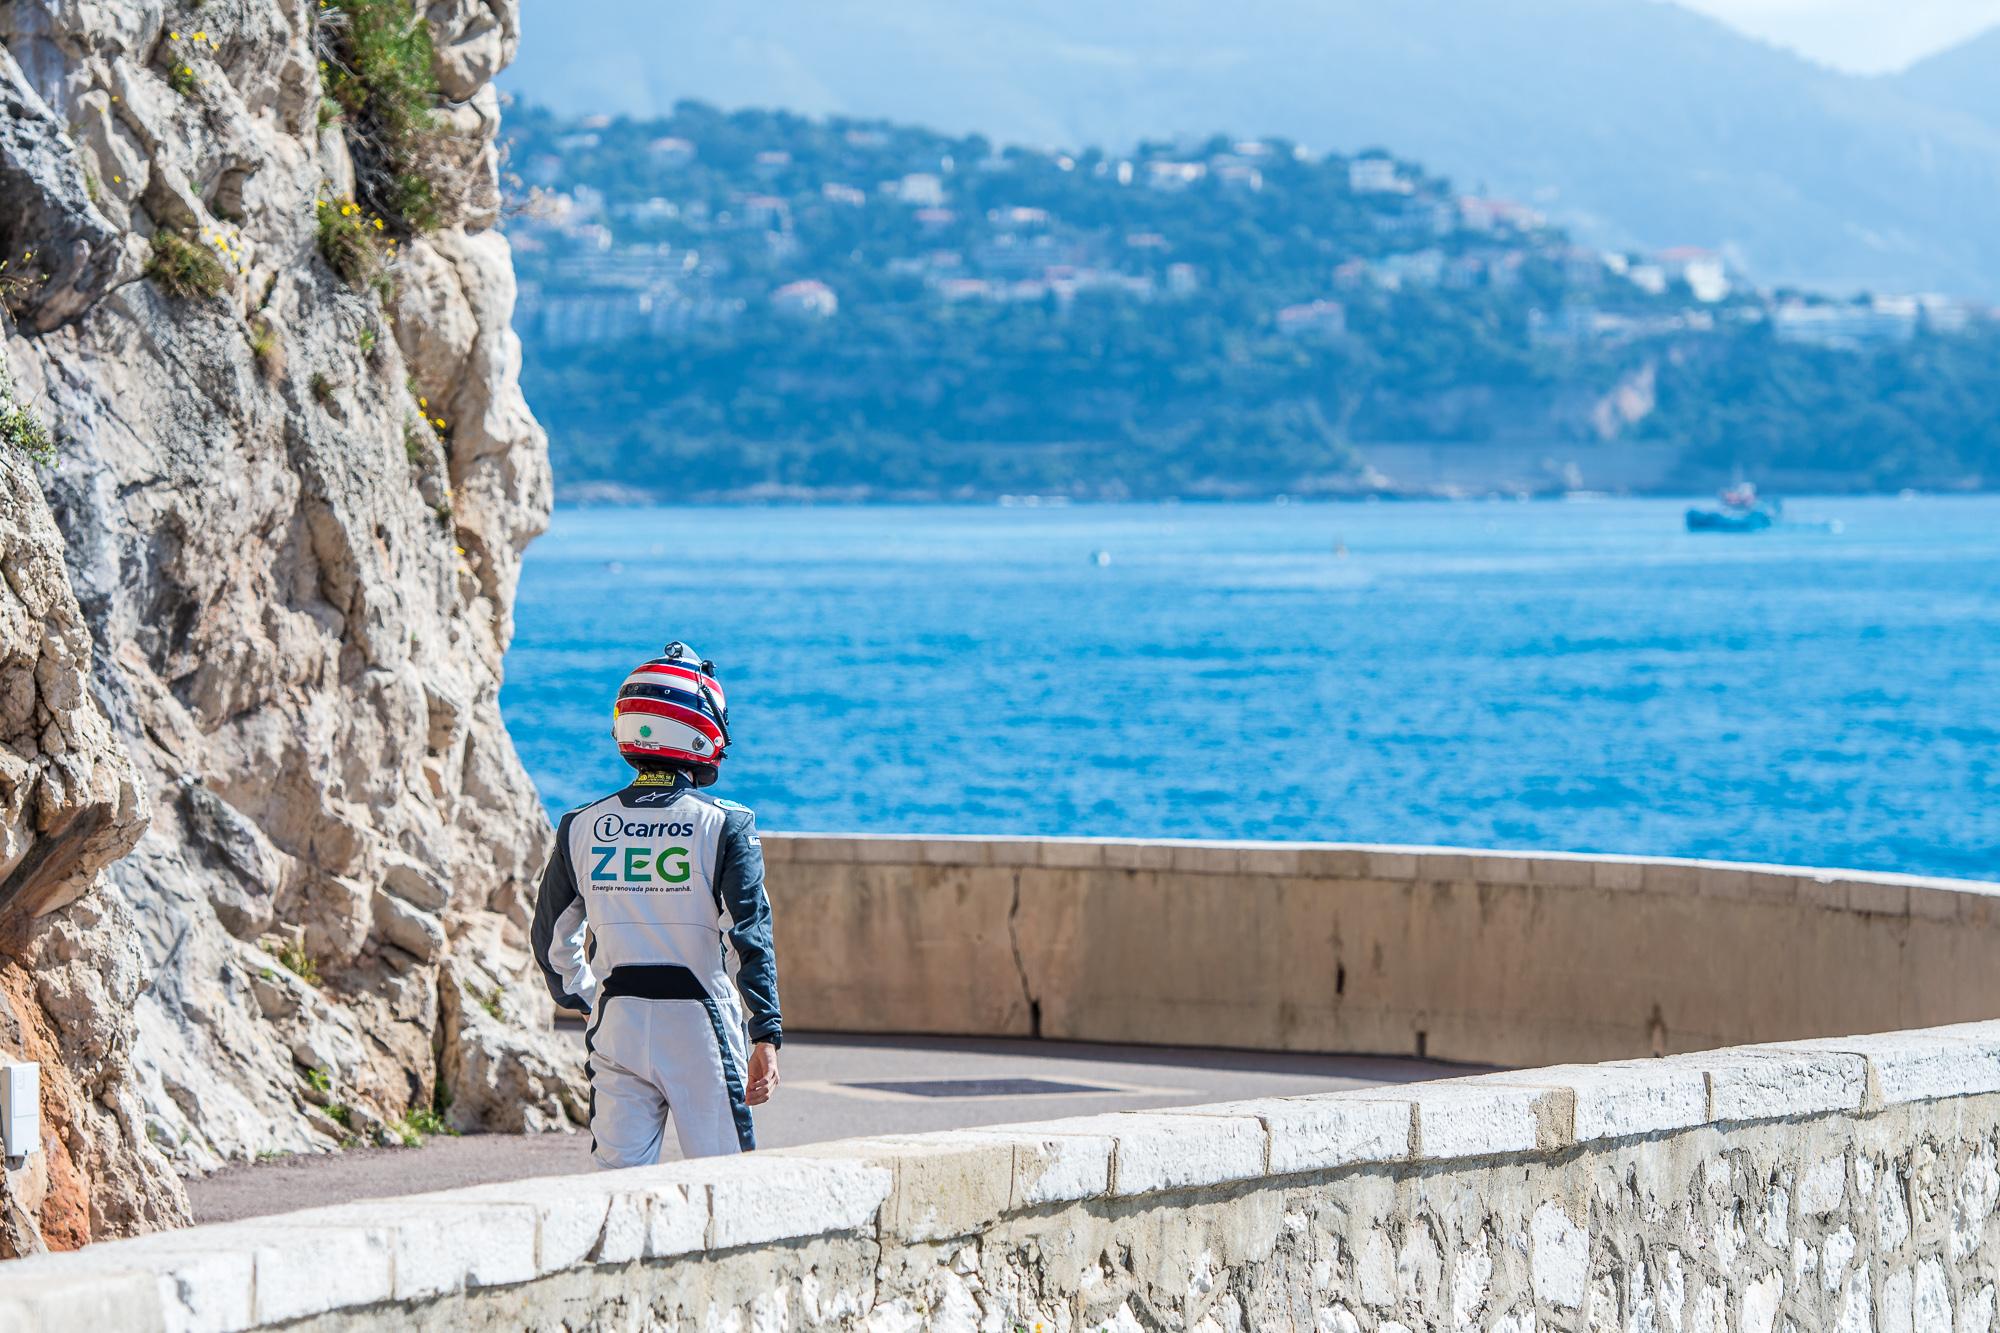 Jaguar_7.Monaco_josemariodias_01032